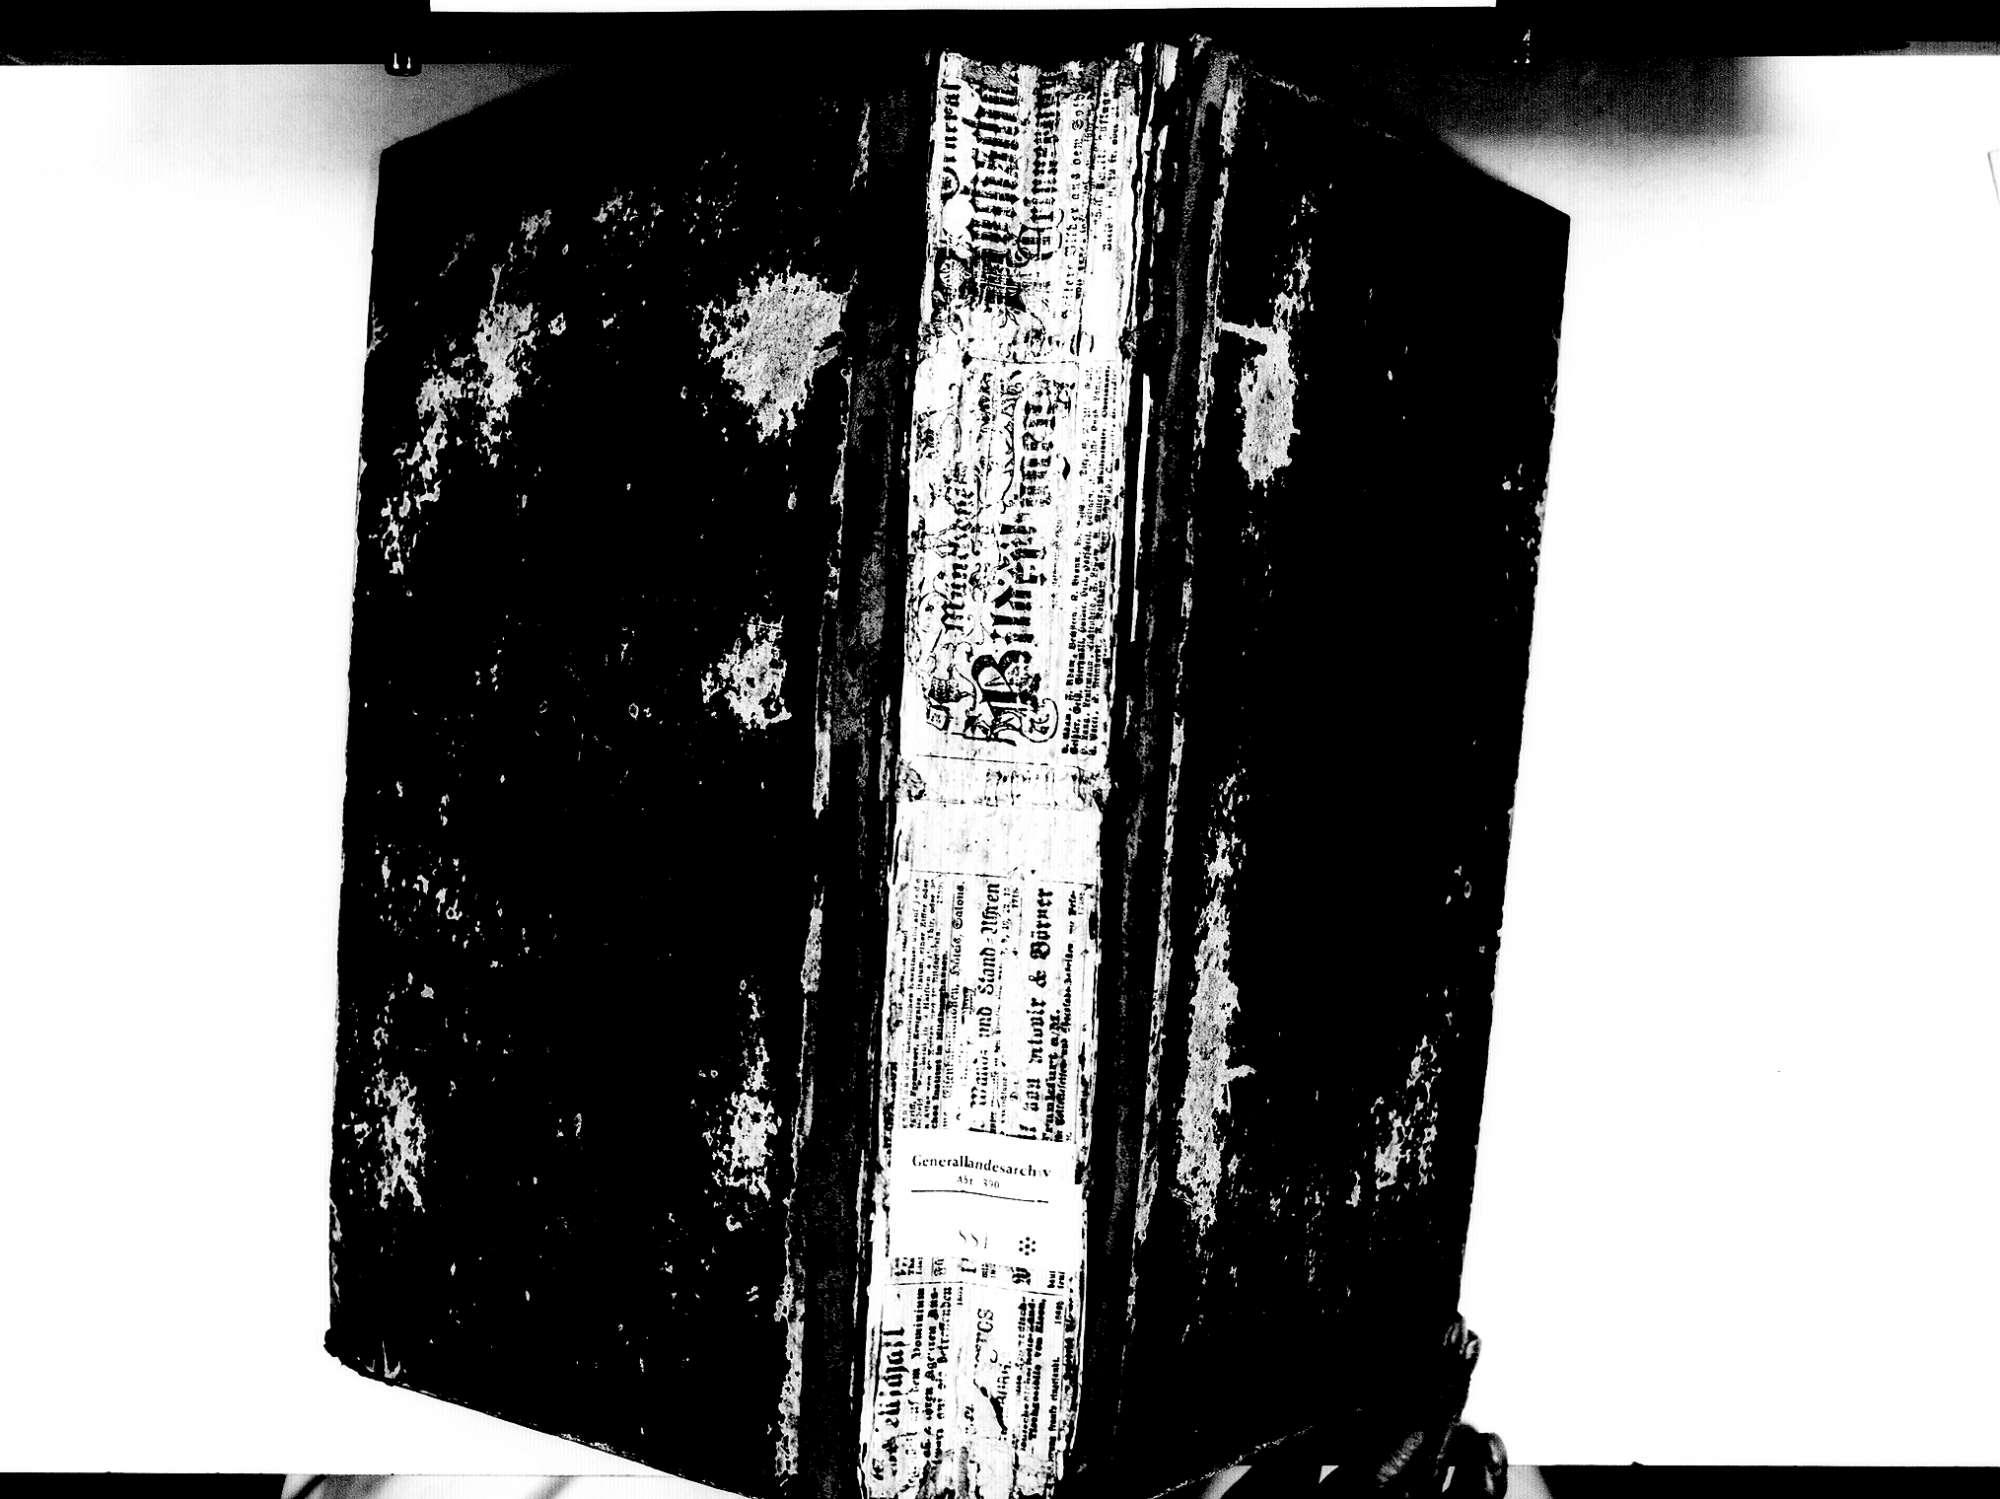 Lauf OG; Katholische Gemeinde: Sterbebuch 1810-1840, Bild 2